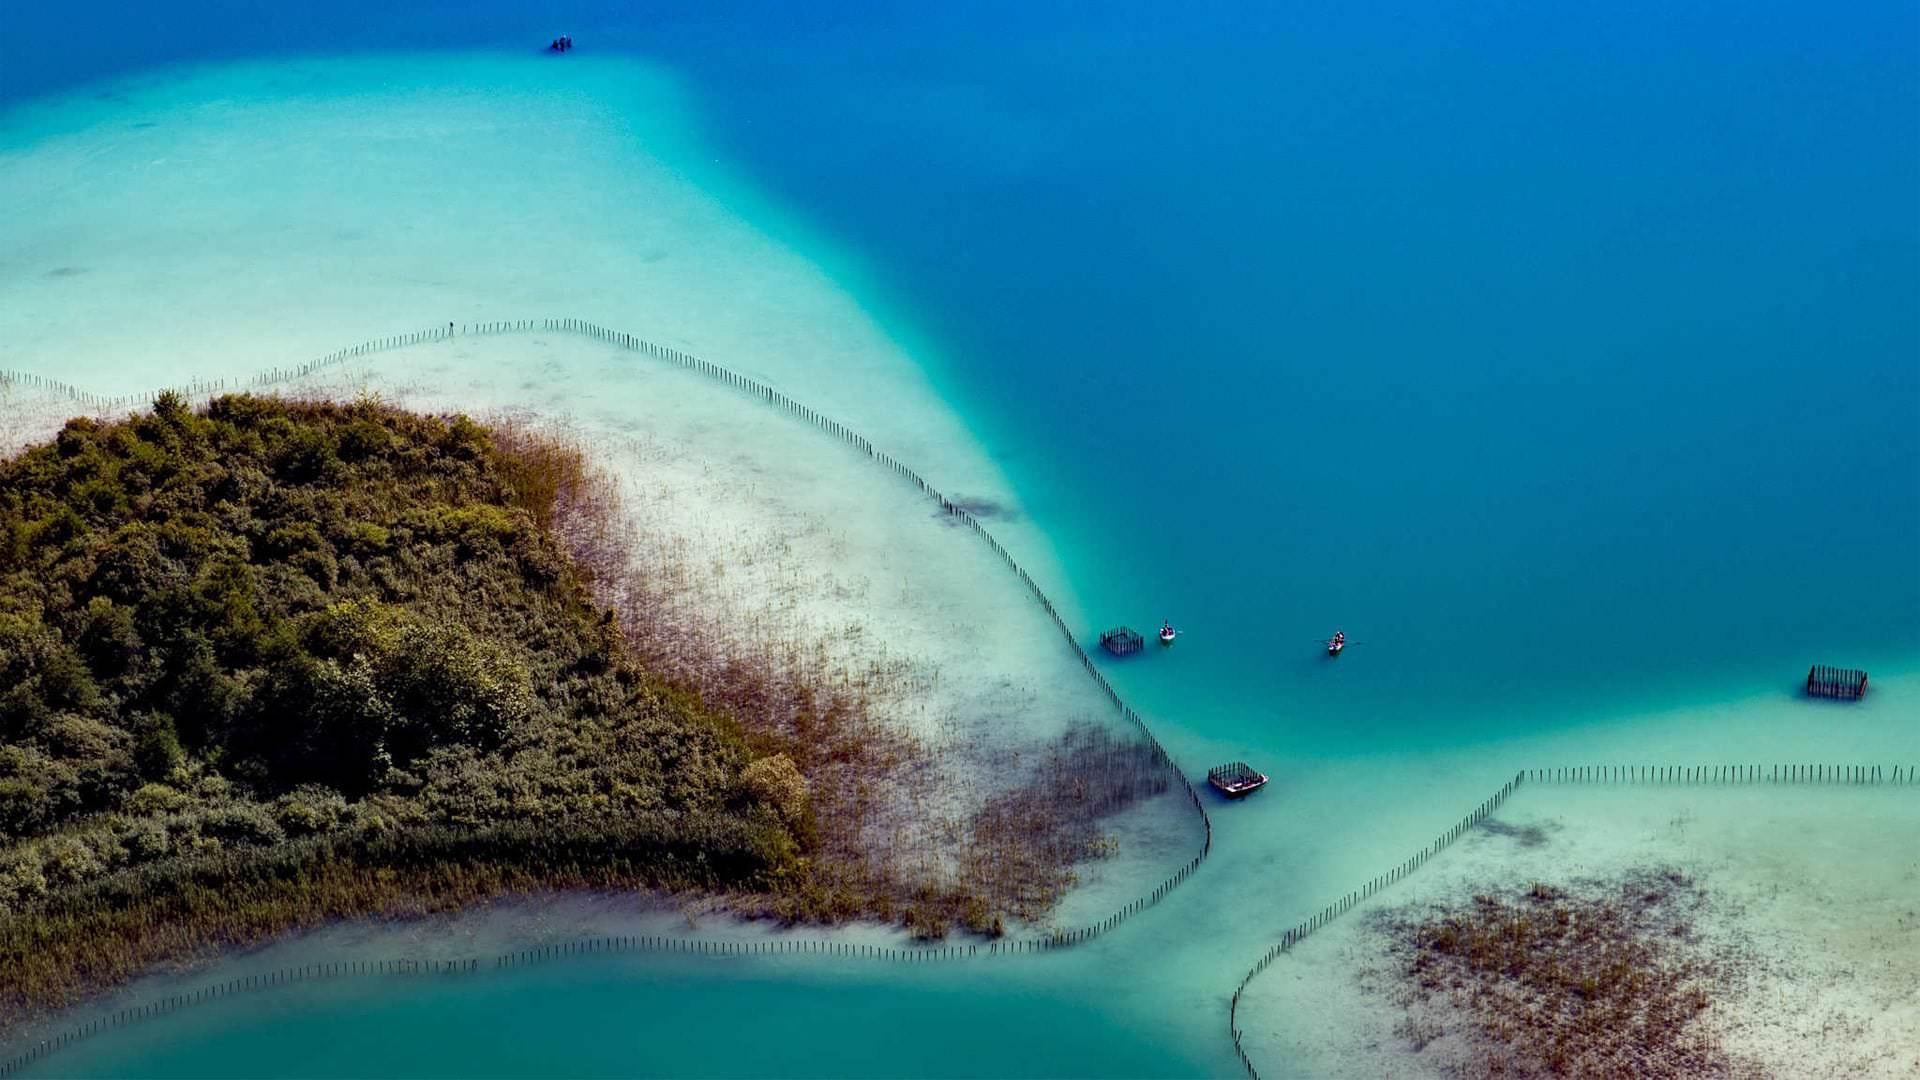 Baignez-vous dans les eaux turquoises du Lac d'Aiguebelette